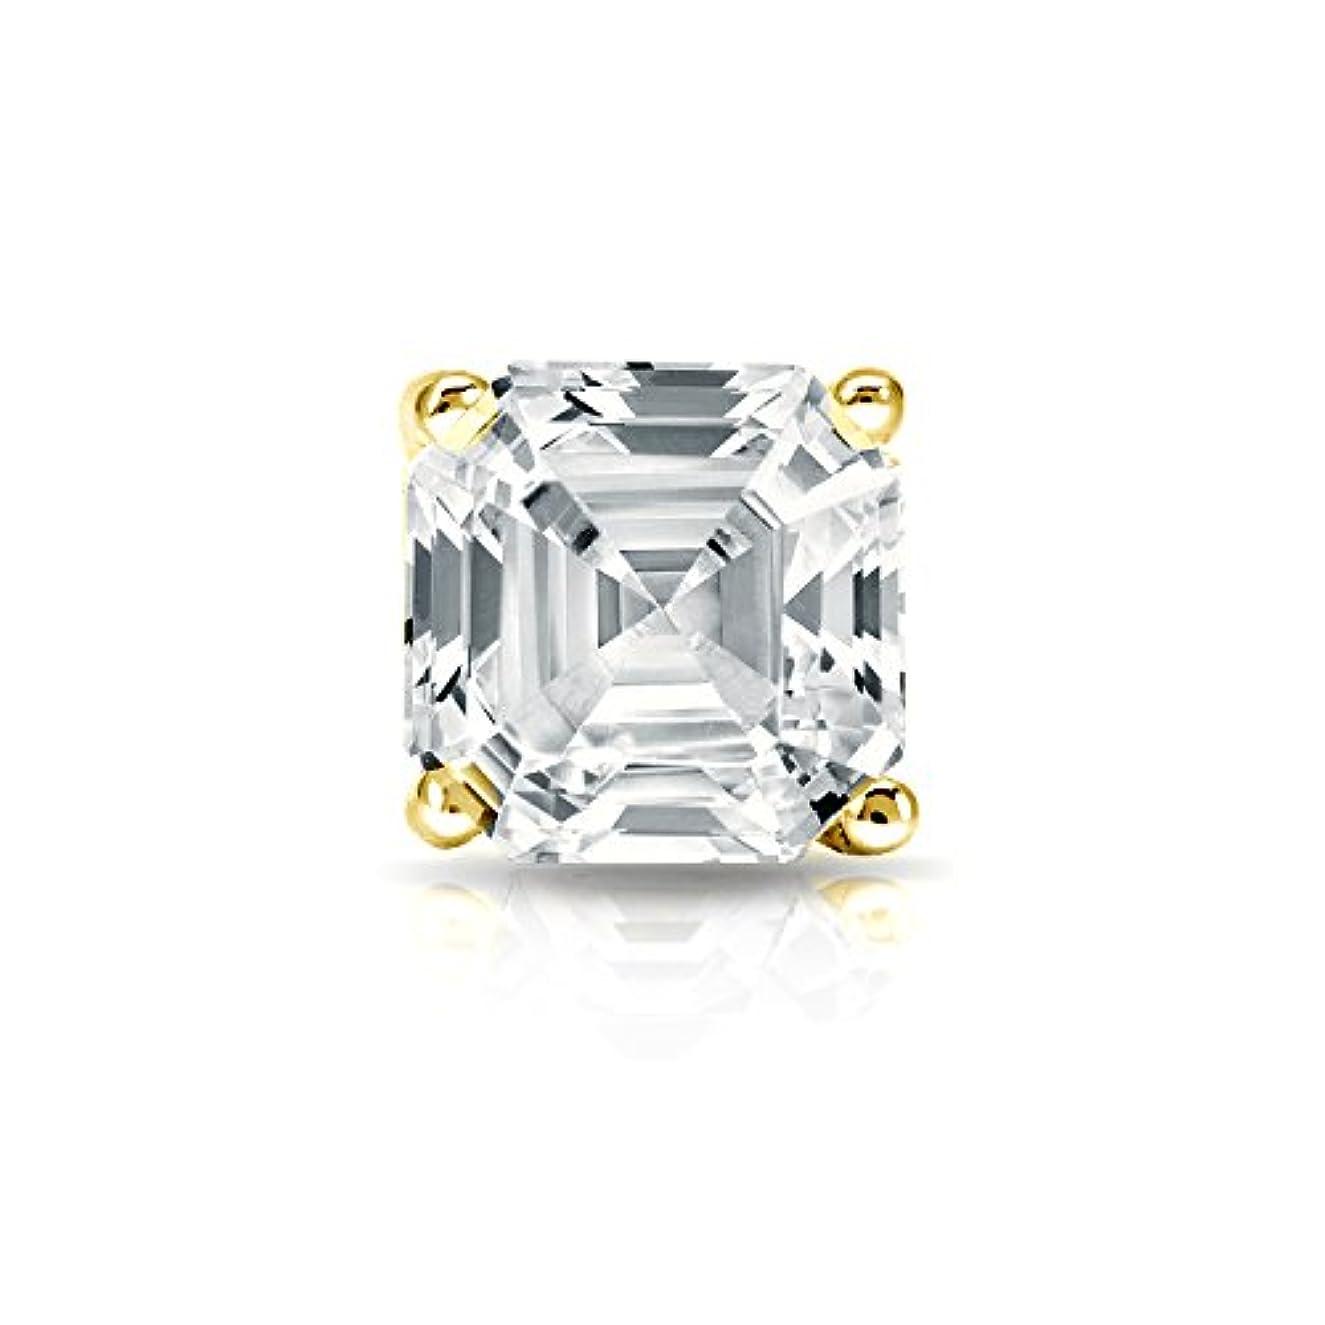 ハイジャック蒸発するタービン18 Kイエローゴールド4プロングMartini Asscherダイヤモンドメンズシングルスタッドイヤリング( 1 / 4 – 1 CT、ホワイト、si1-si2 ) screw-back